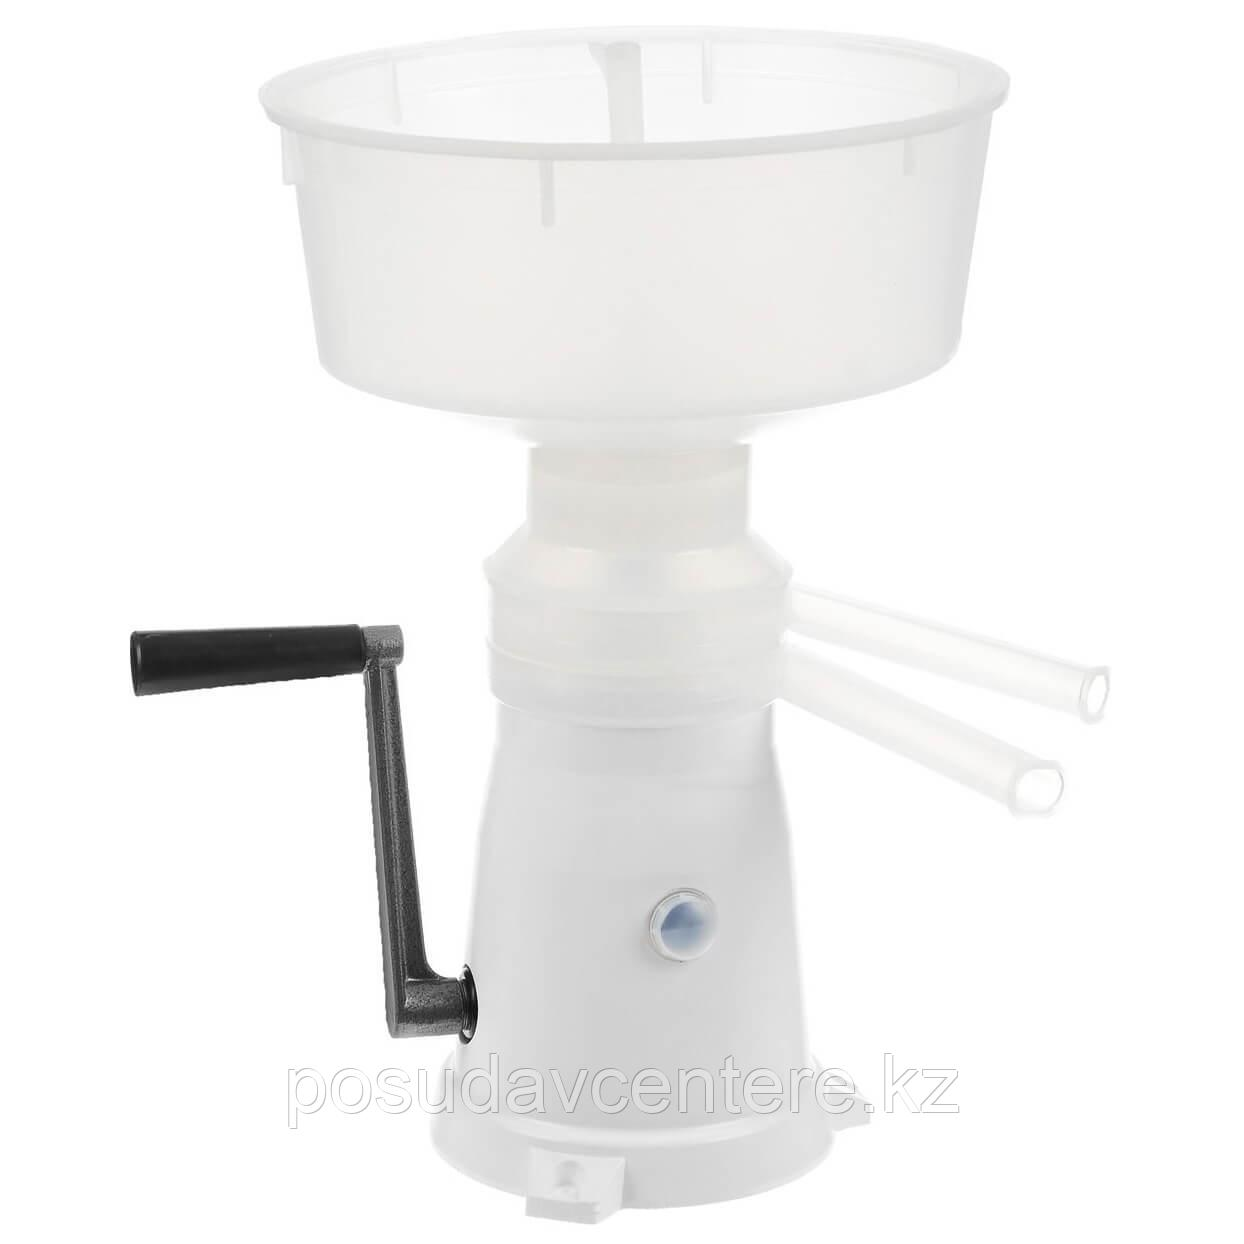 Сепаратор-сливкоотделитель ручной Пензмаш РЗ-ОПС, 50л/ч, пластиковая станина